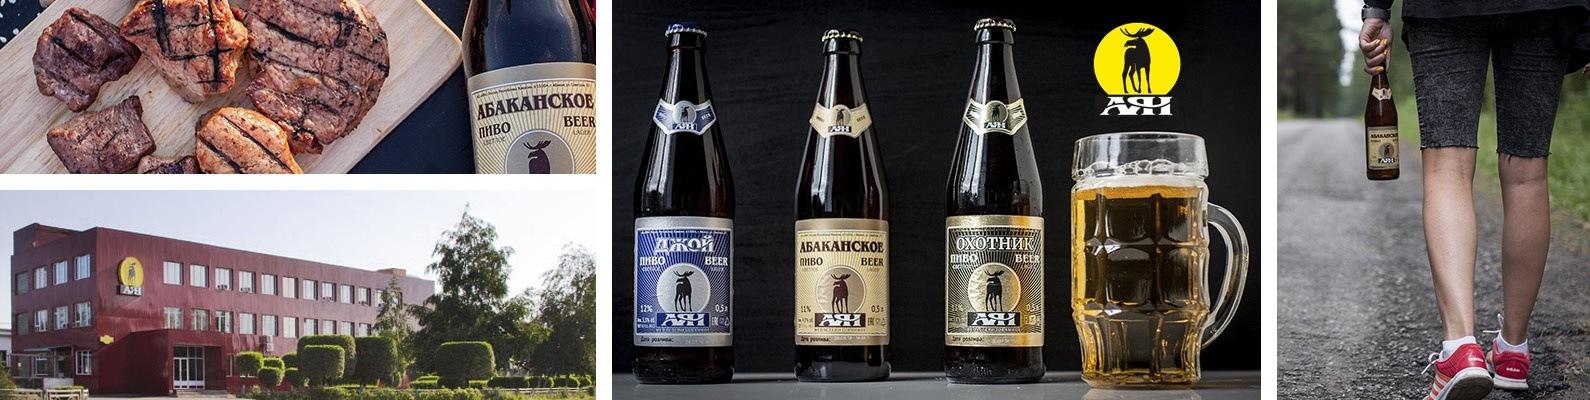 только фотографии новых бутылок пиво абаканское озолоченных